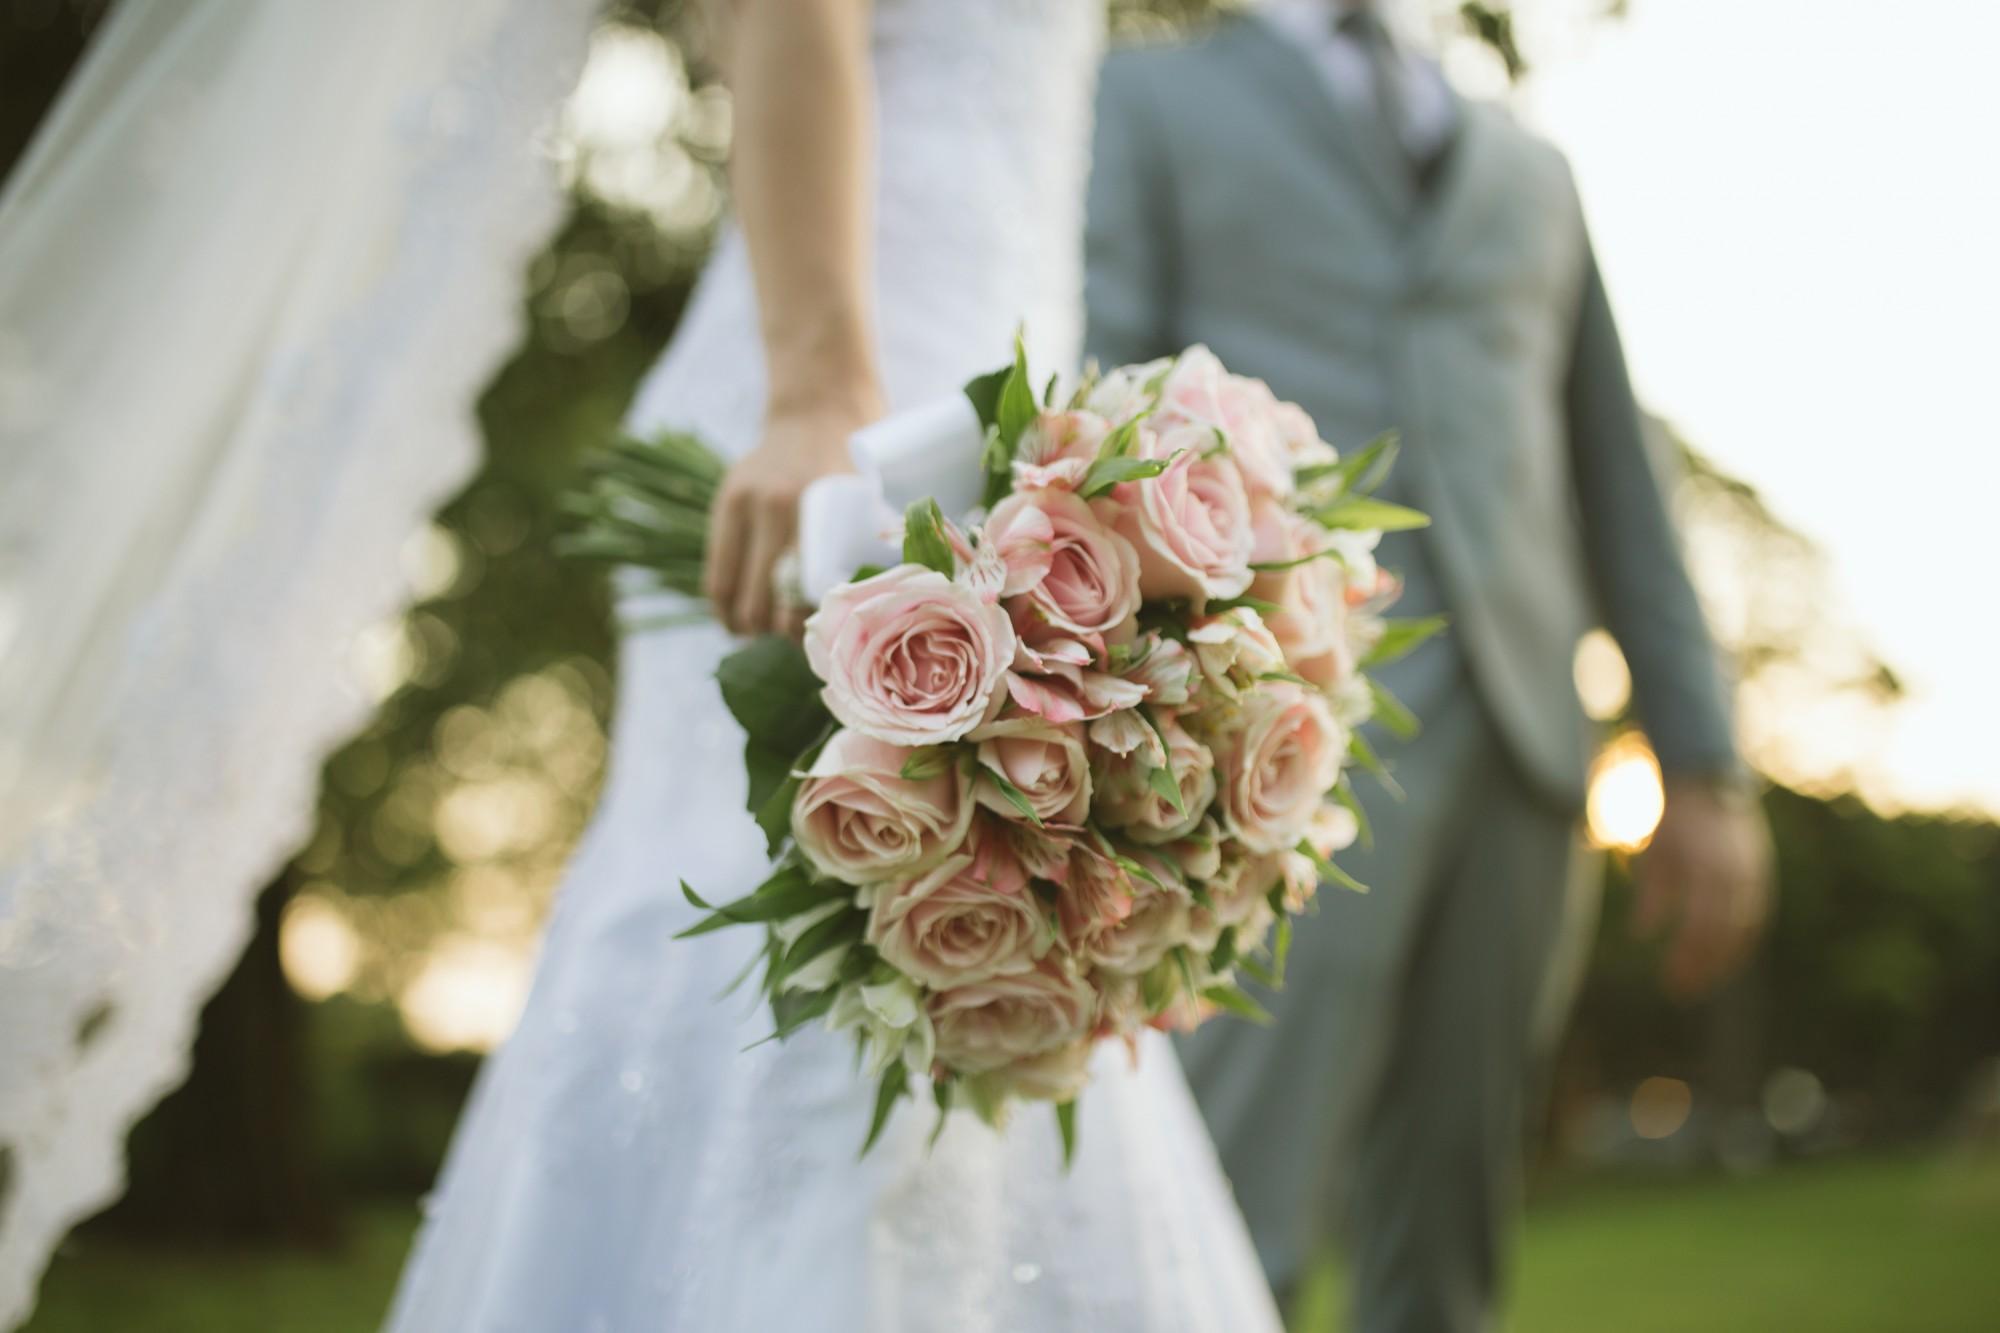 Maiara Kuki e Ricardo - Casamento em Palotina - PR por Lorran Souza e Léia Sotile - fotografo de casamentos00015